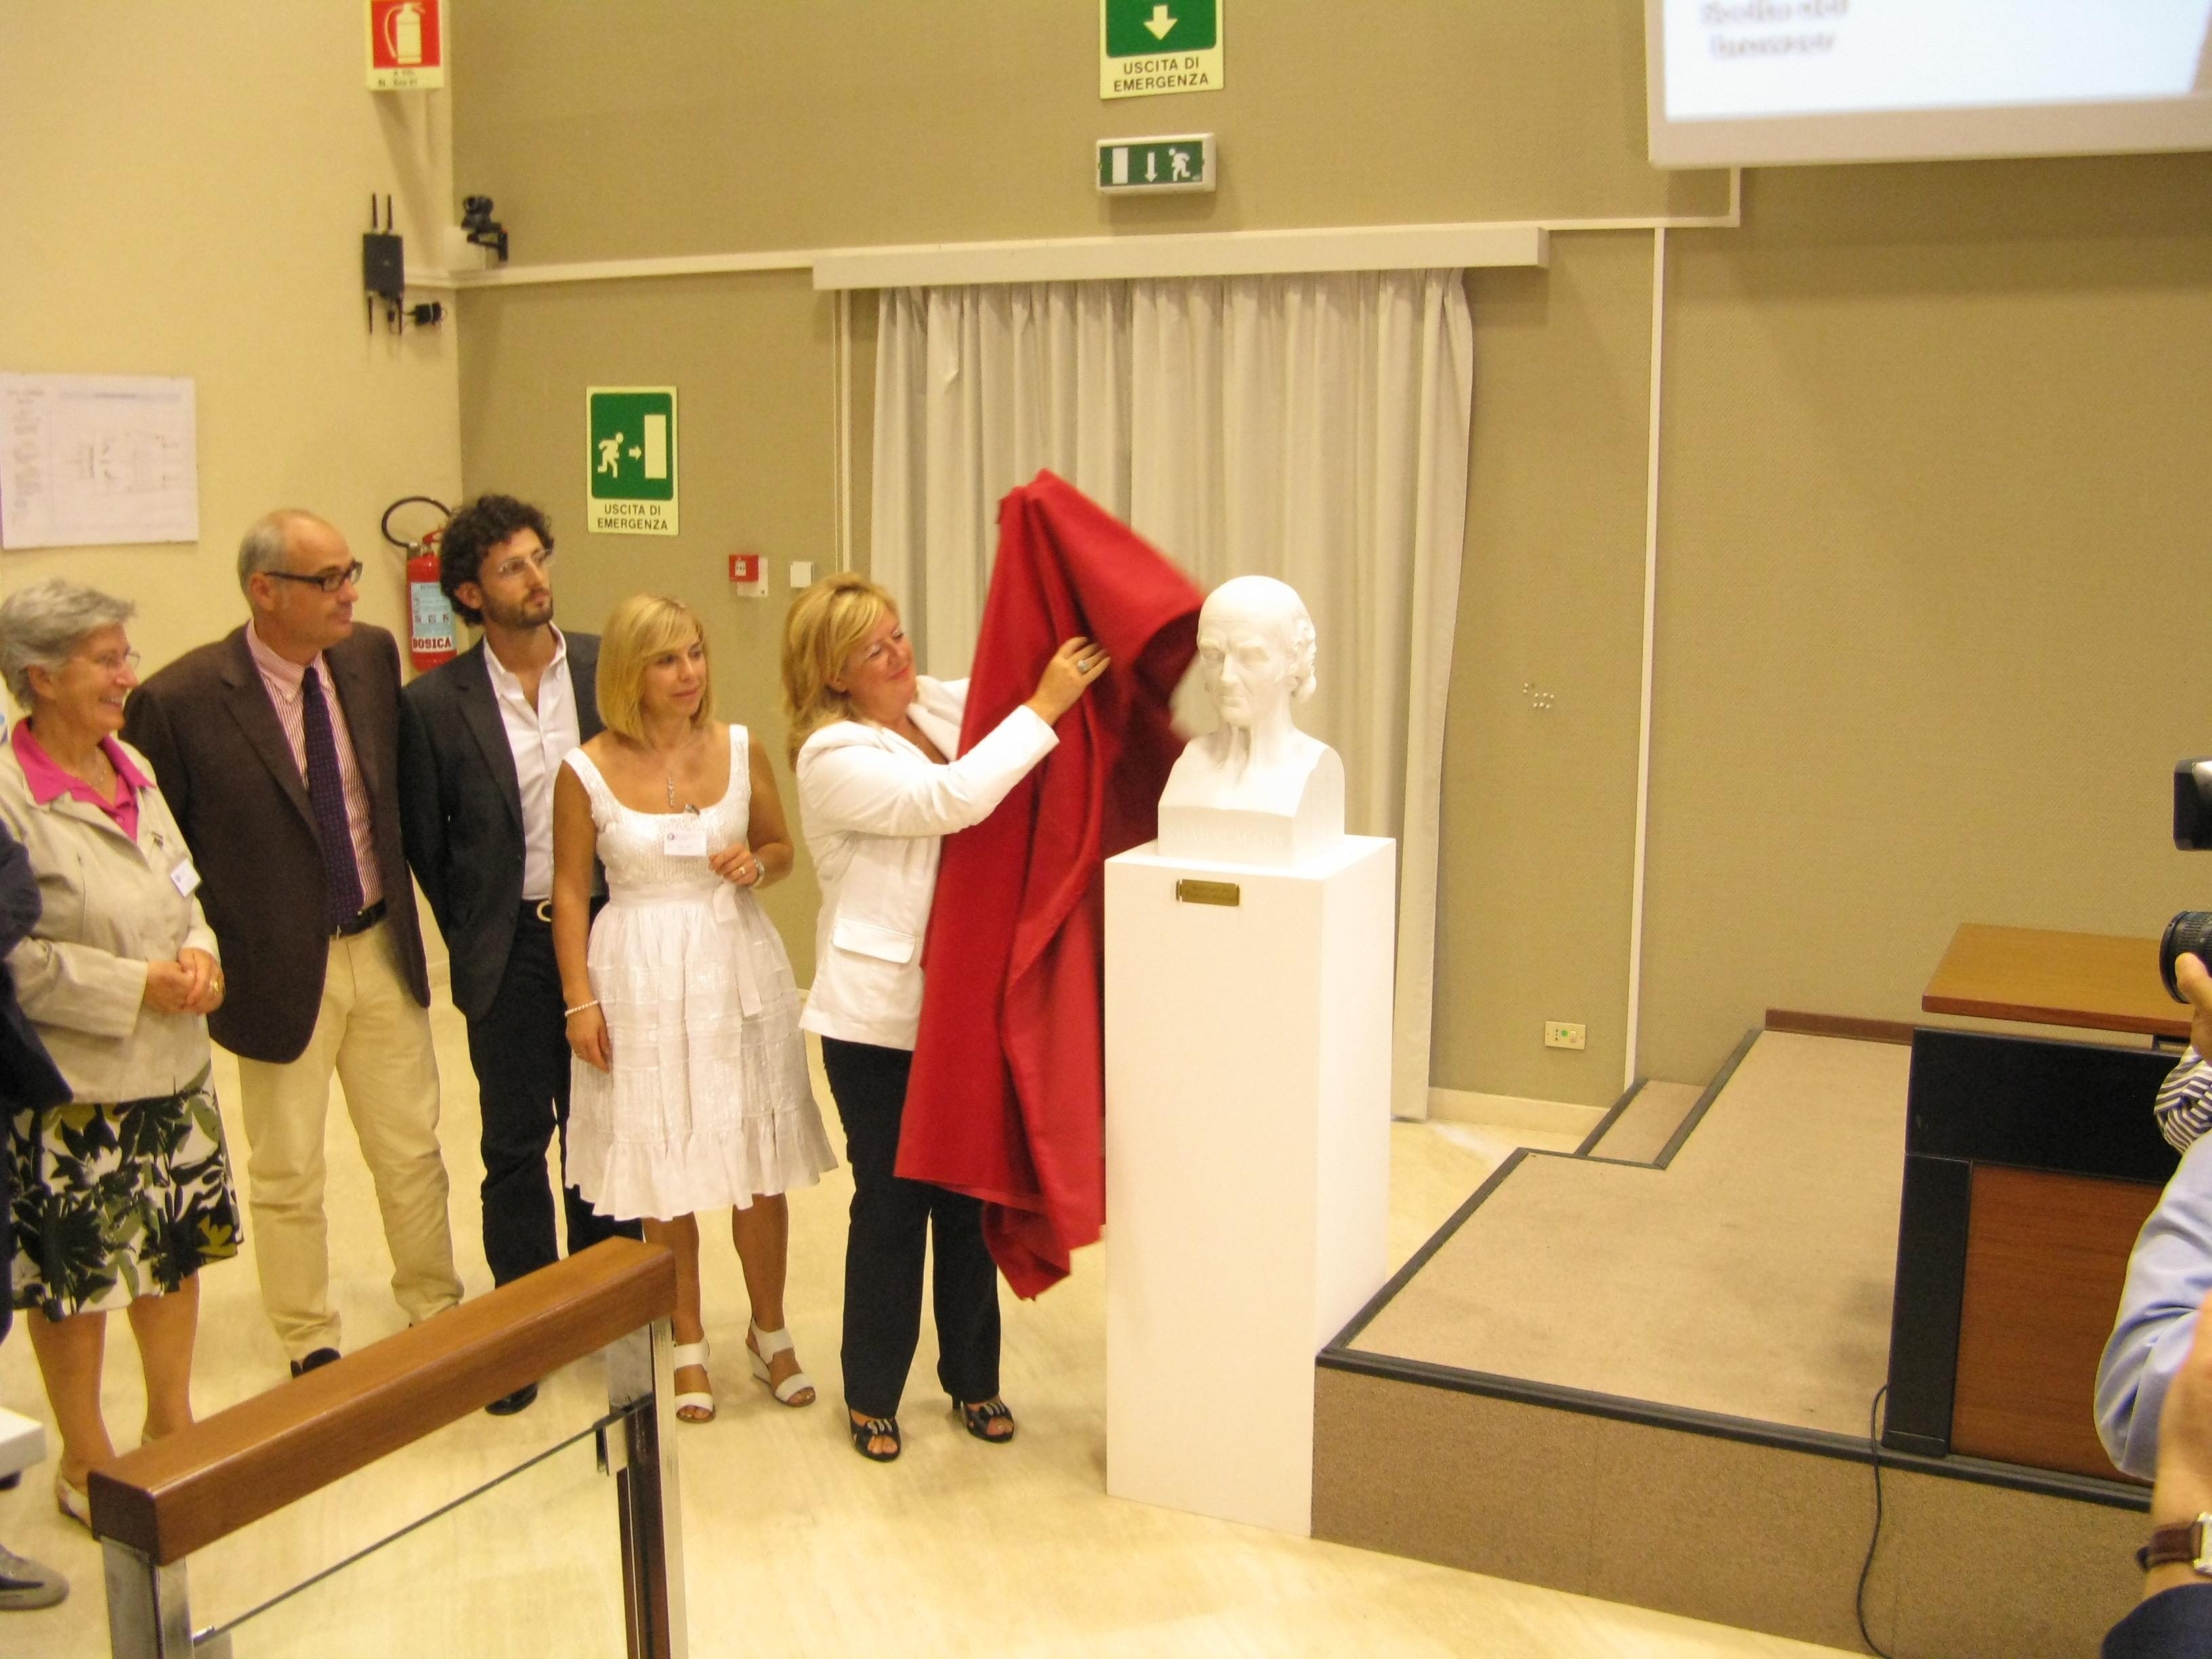 2011-busto-di-hahnemann-donato-alla-fiamo-laquila-2011